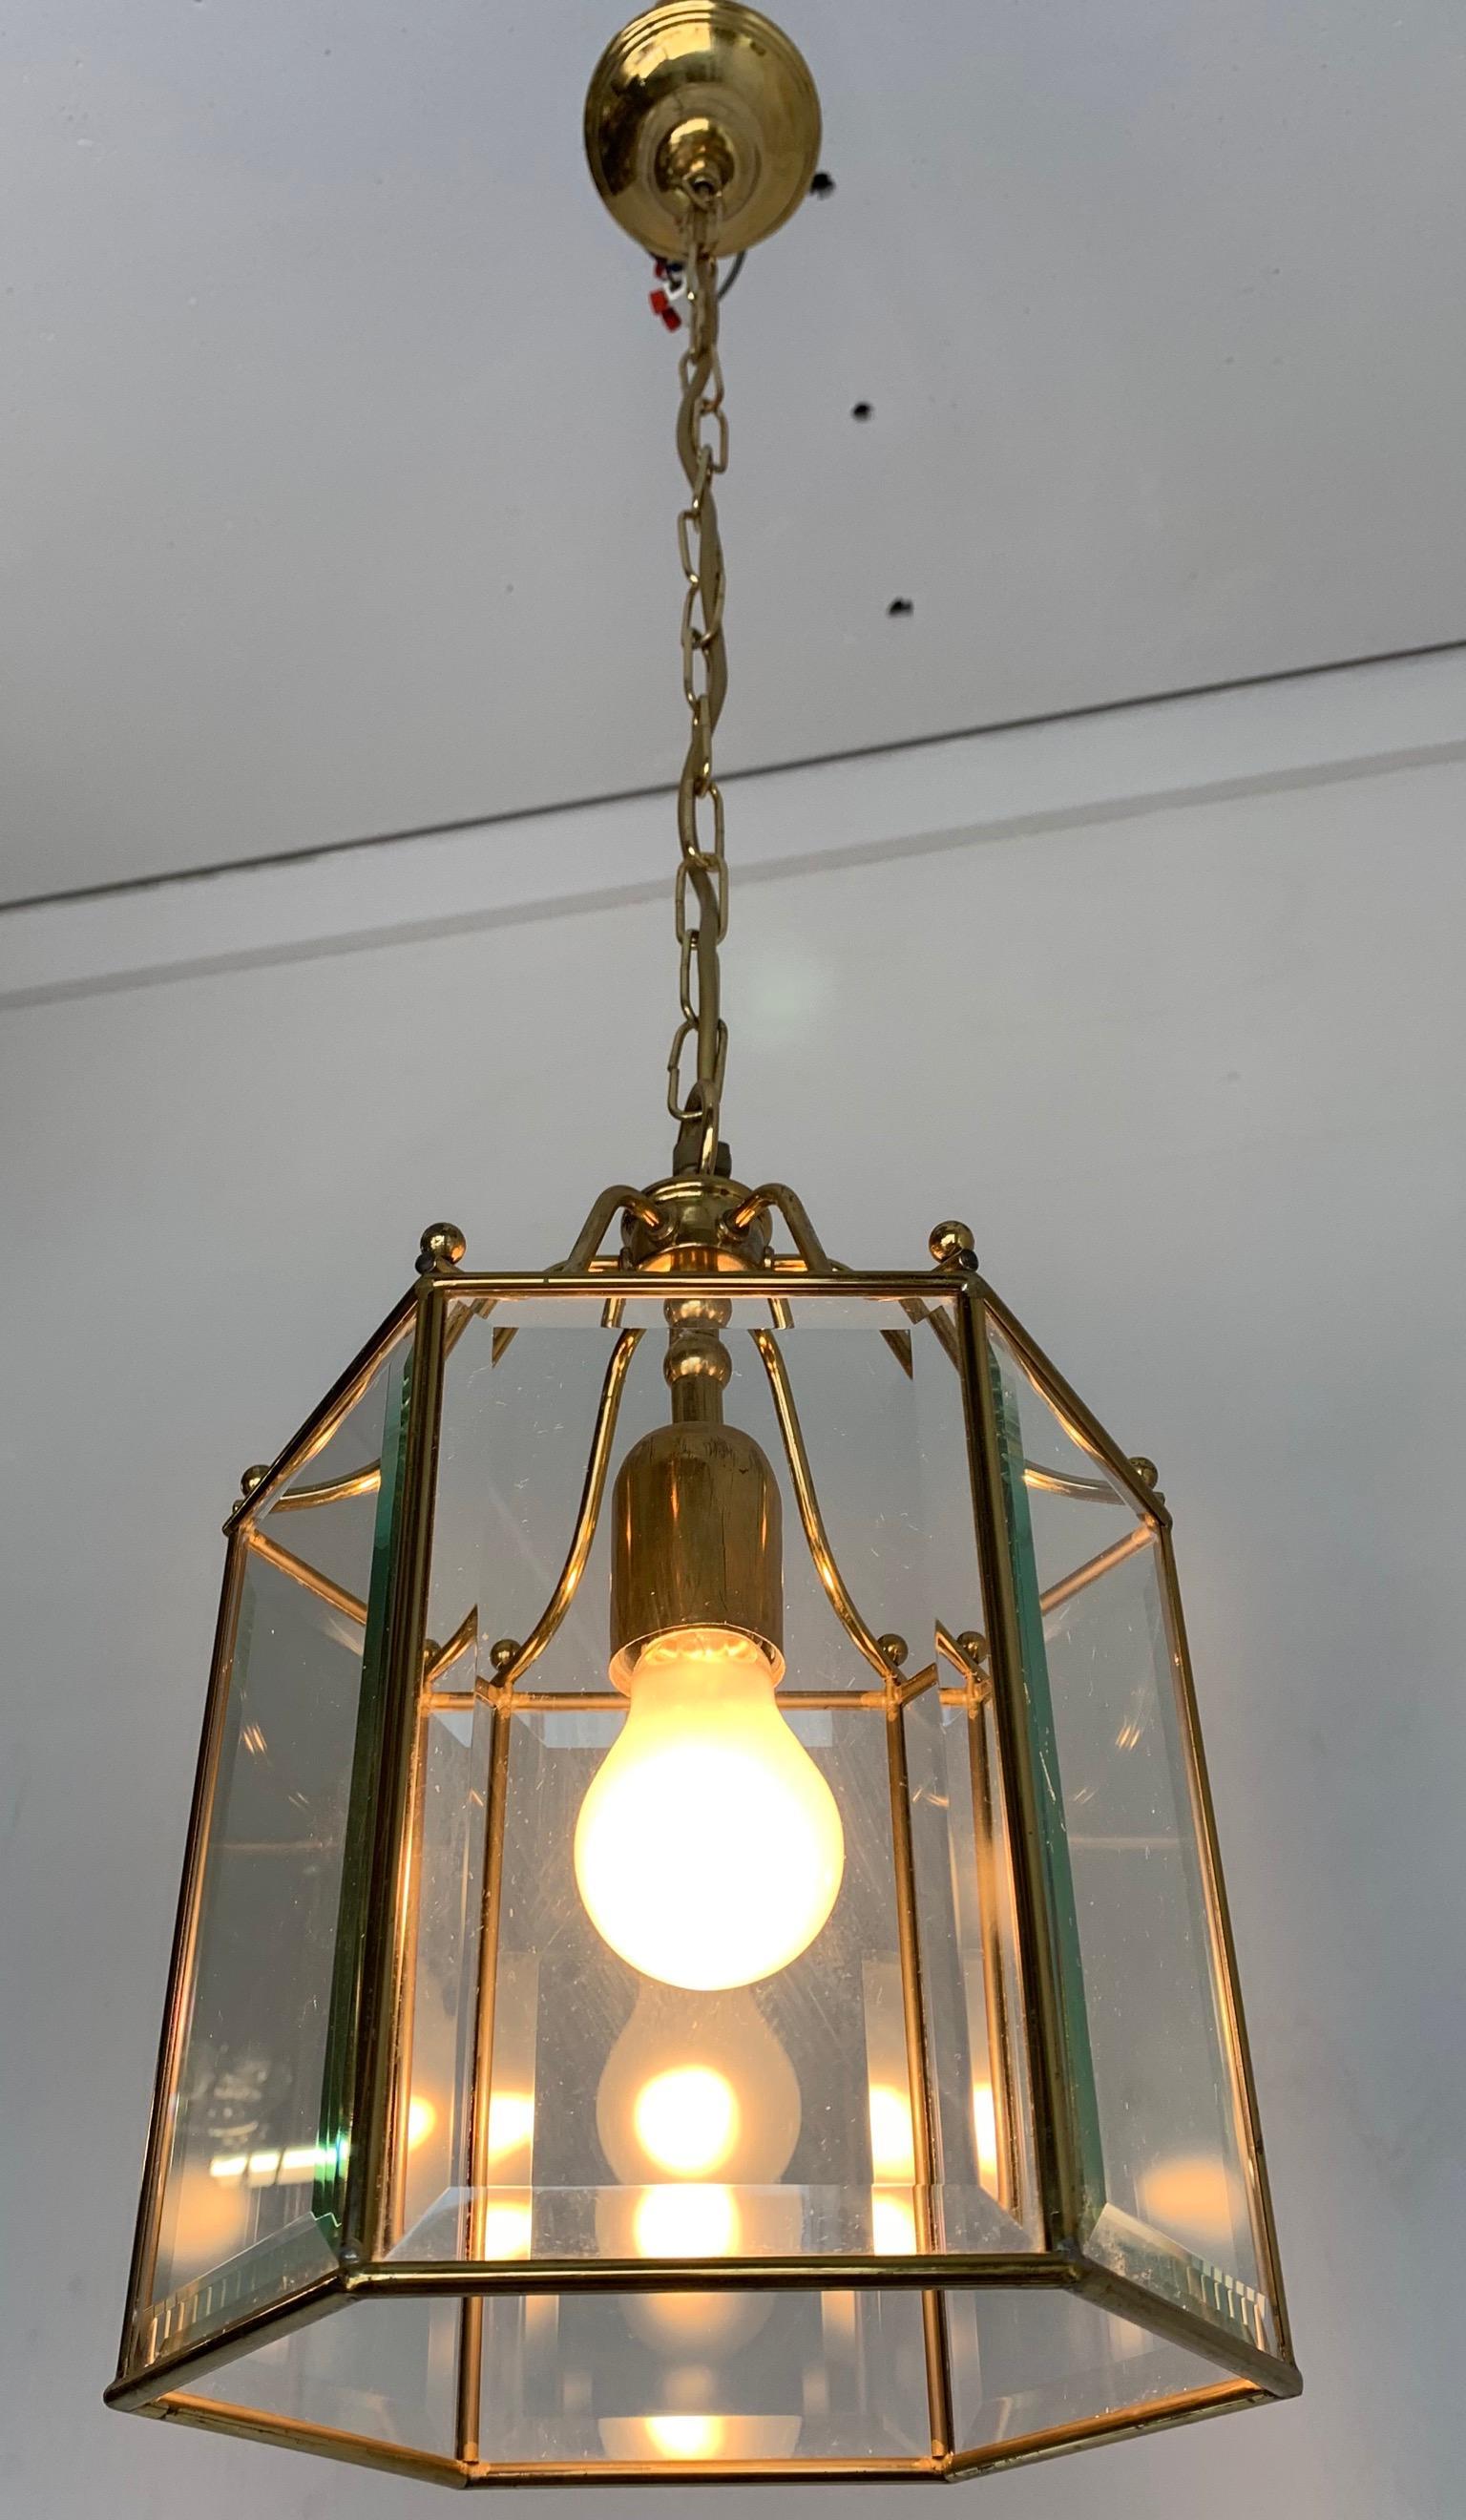 Home, Furniture & DIY Ceiling Lights